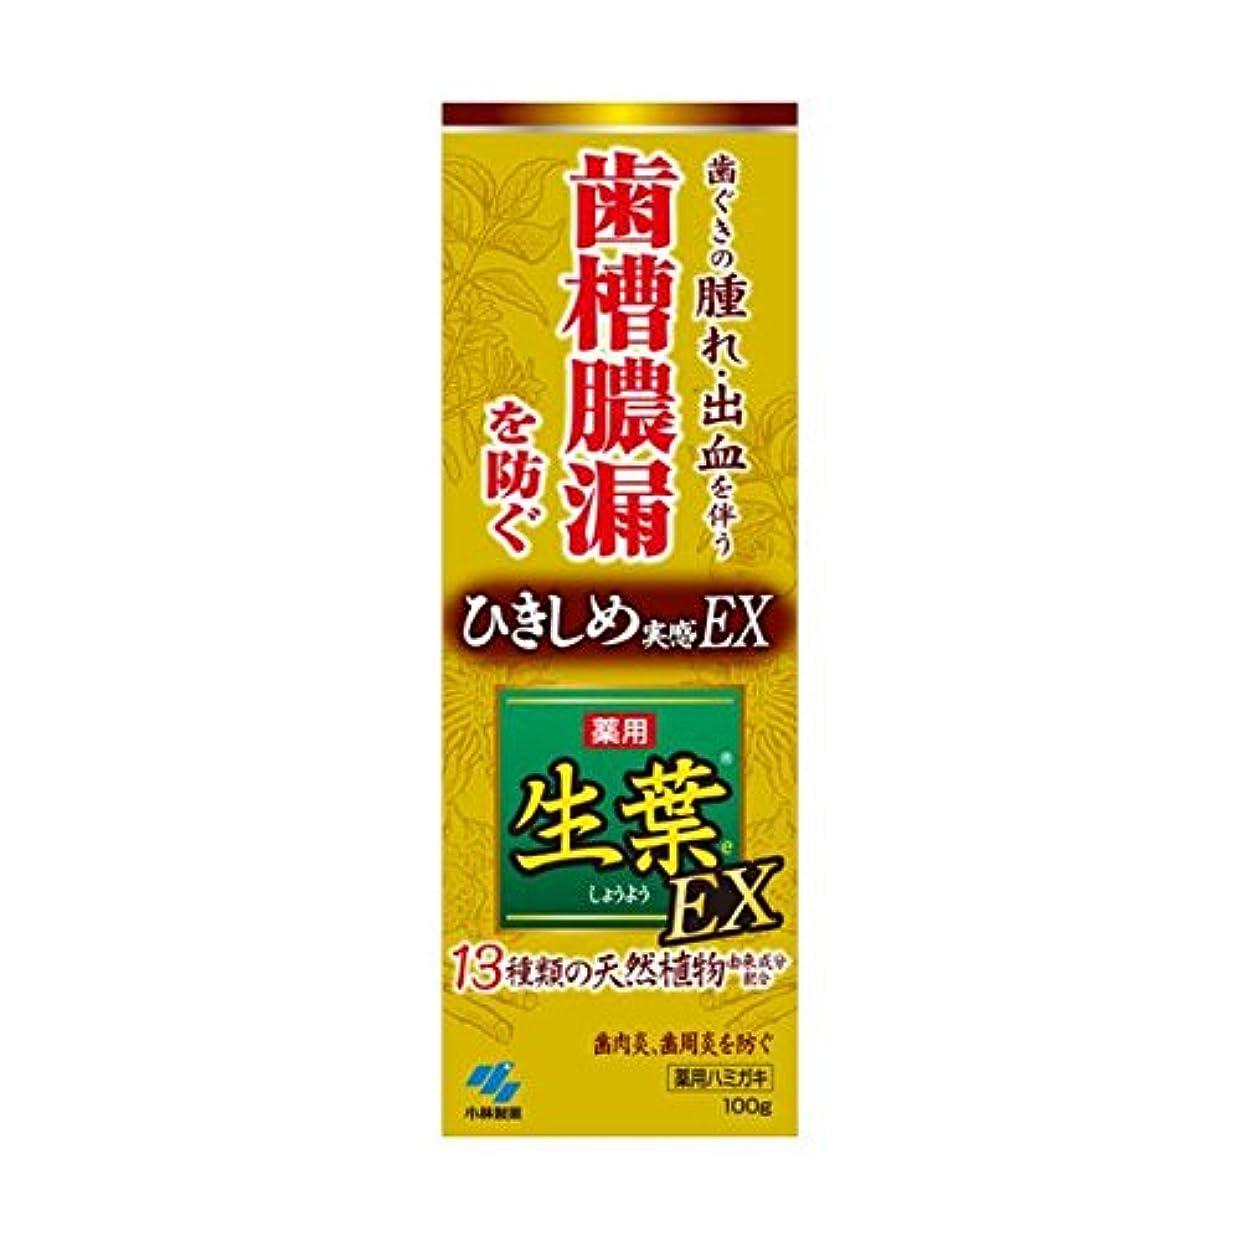 ファックスキモい家庭生葉EX 100g x2個セット